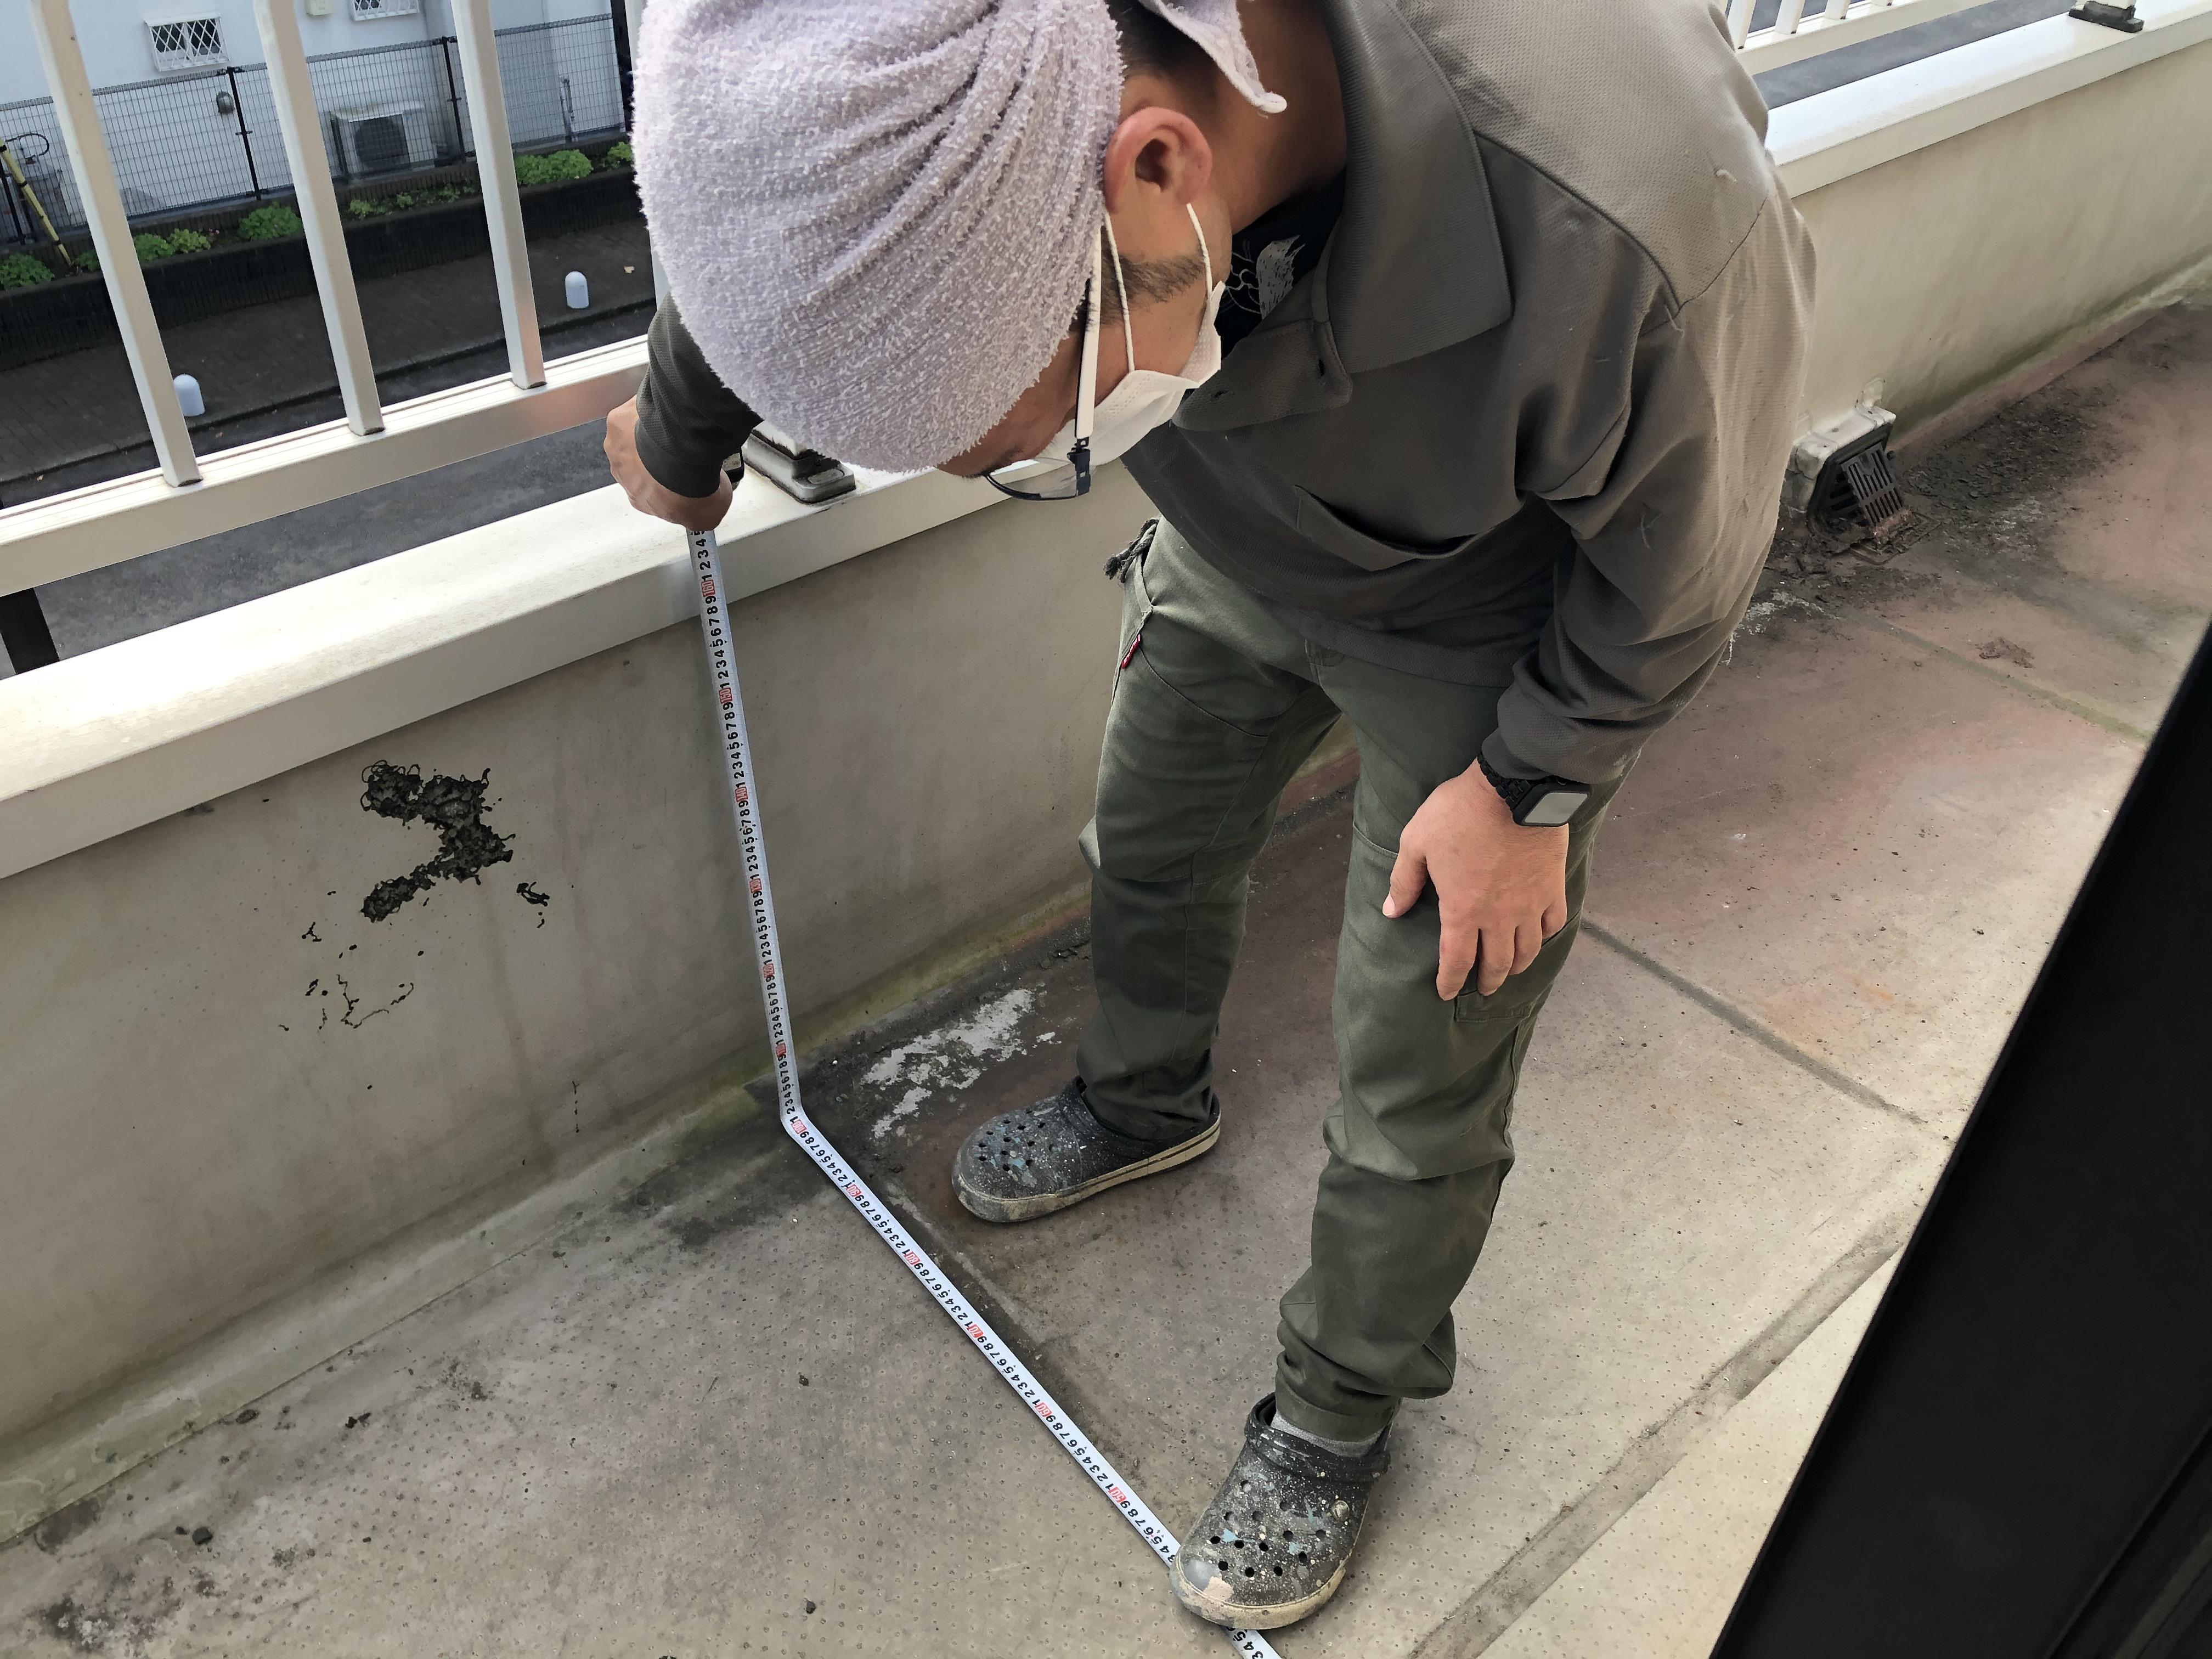 バルコニーの現場調査に行ってきました! さむかわ塗装 